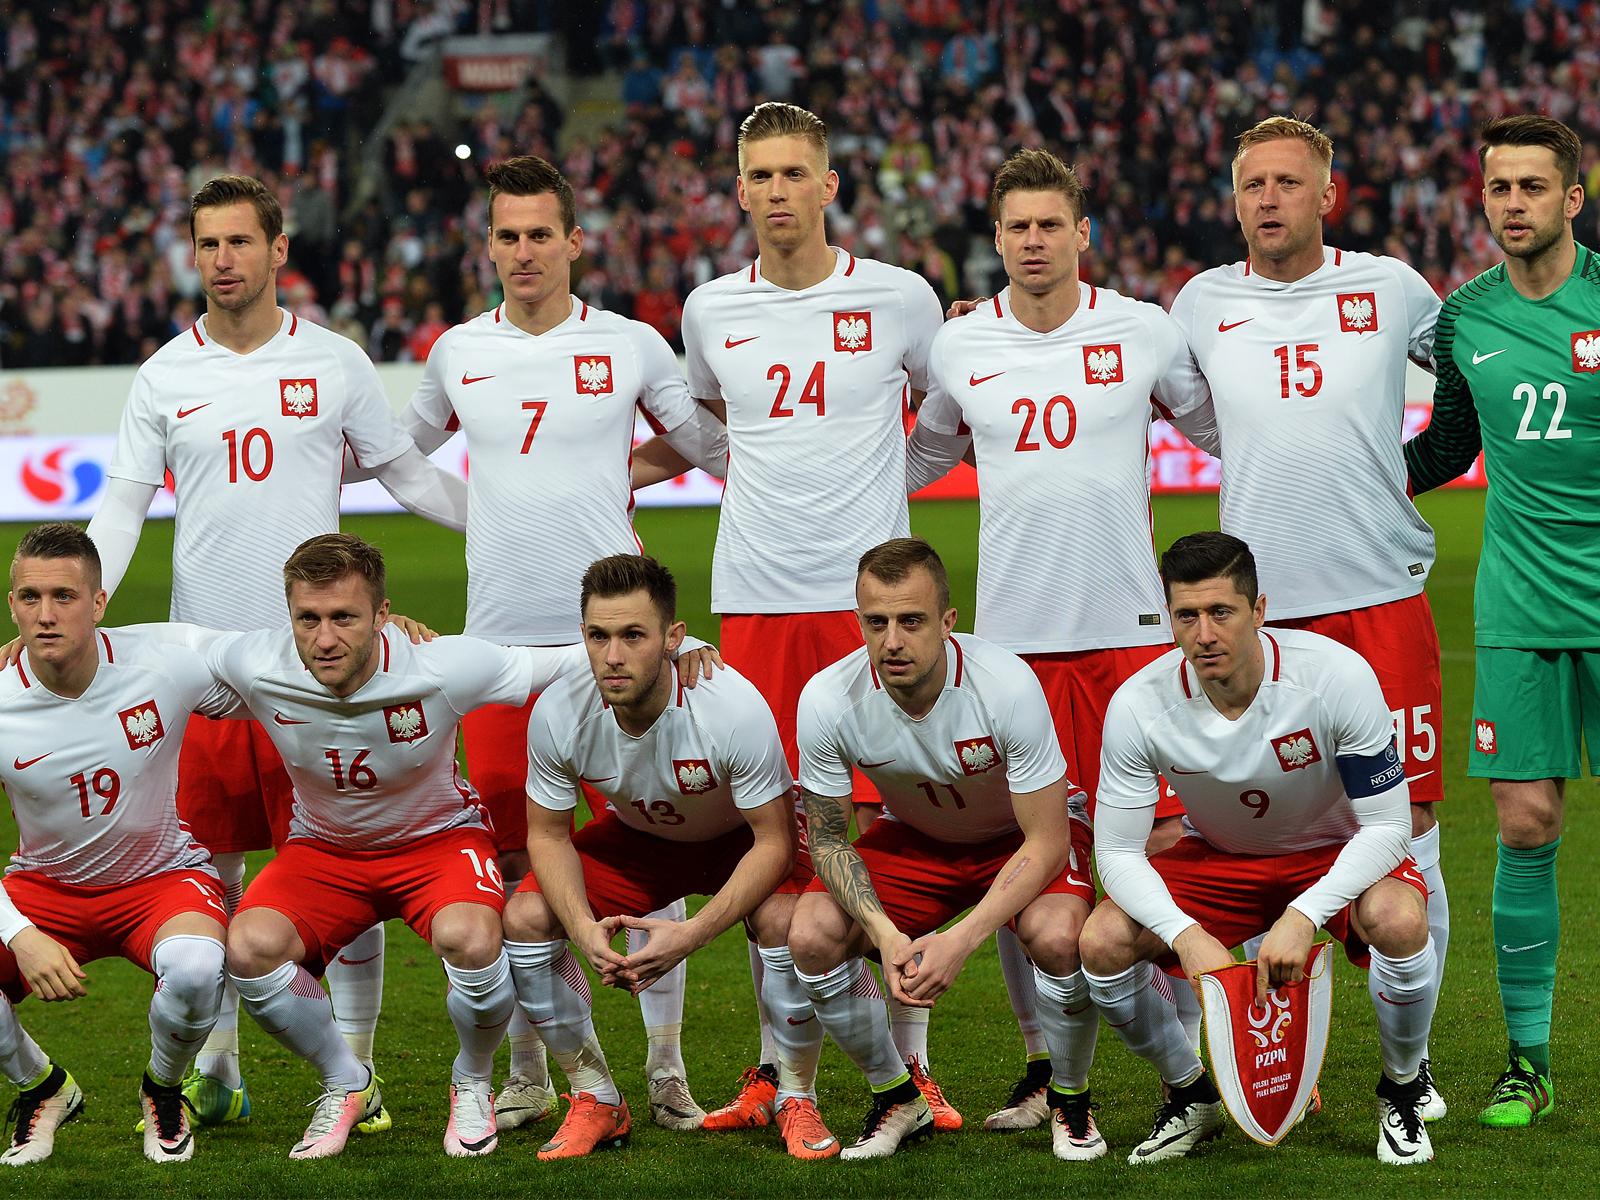 Kader Polen Wm 2021